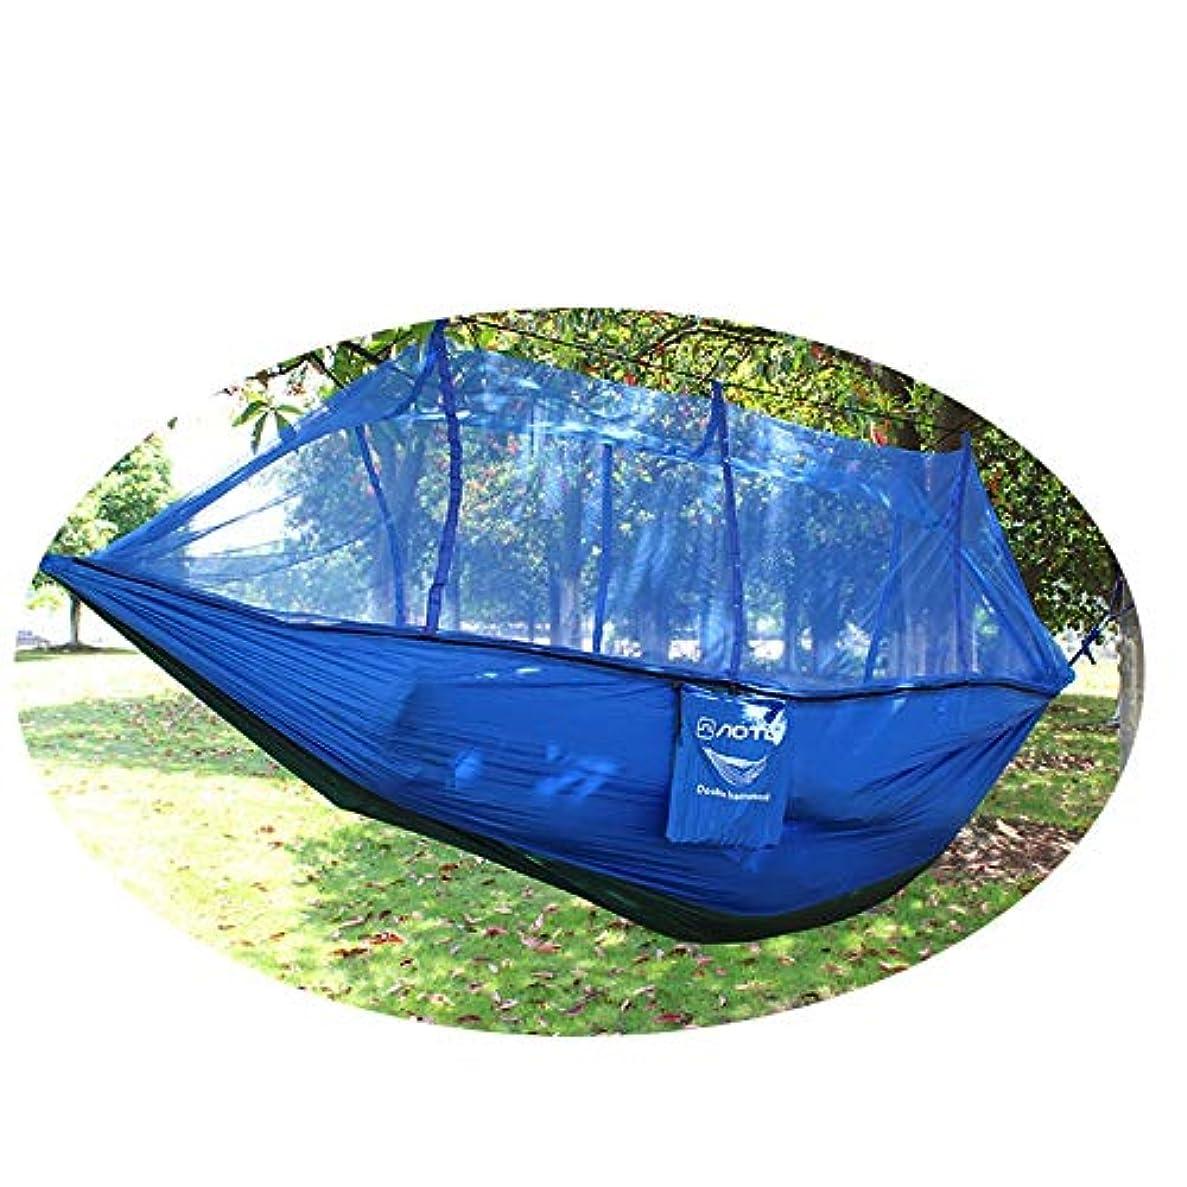 テスピアン祝うポーズHOOHLLY ハンモックアウトドアキャンプのハンモックポータブルライトパラシュートナイロンハンモックハイキング付きキャンプのバックパック、ビーチ旅行ハンモック超軽量キャンプのハンモックポータブルビーチスイングベッド取り外し可能な蚊帳付き 売り上げ後の専門家